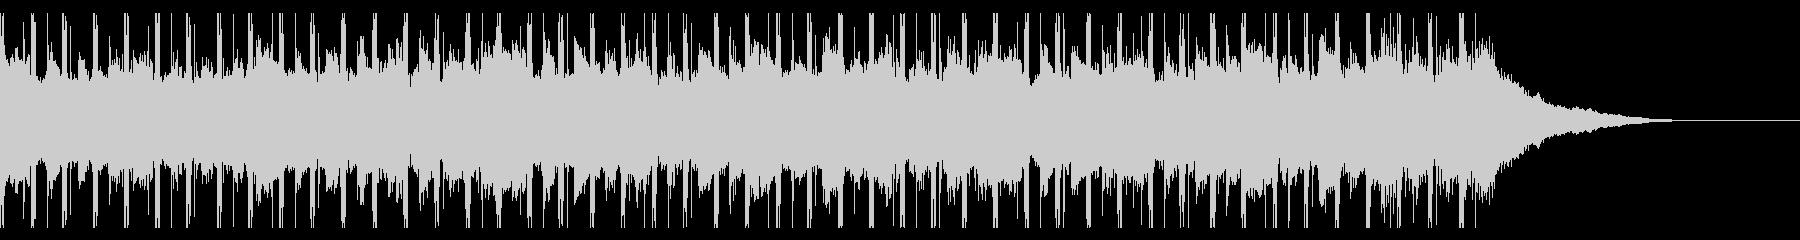 チュートリアル(30秒)の未再生の波形